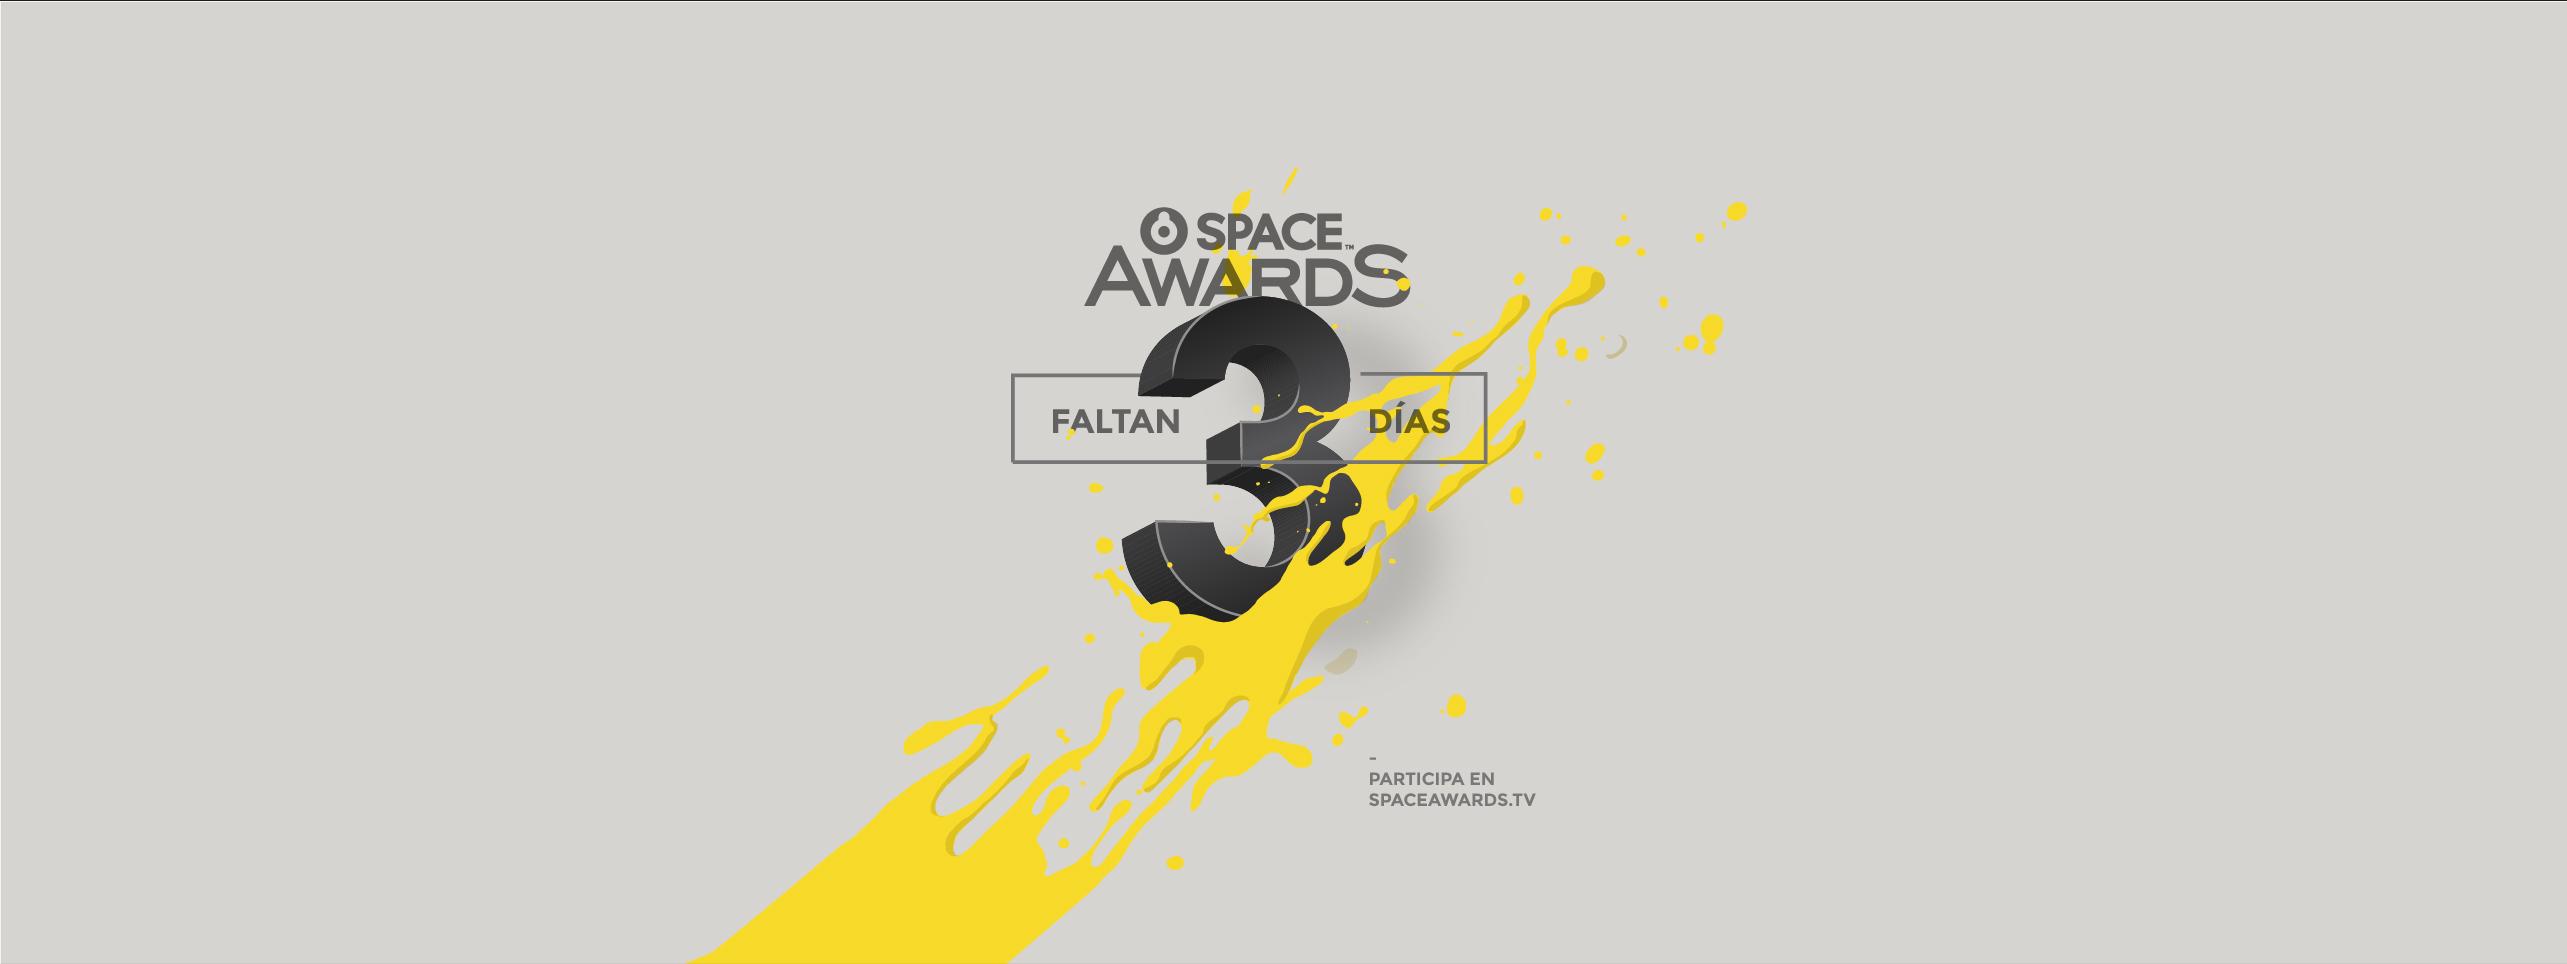 spacejpg-04